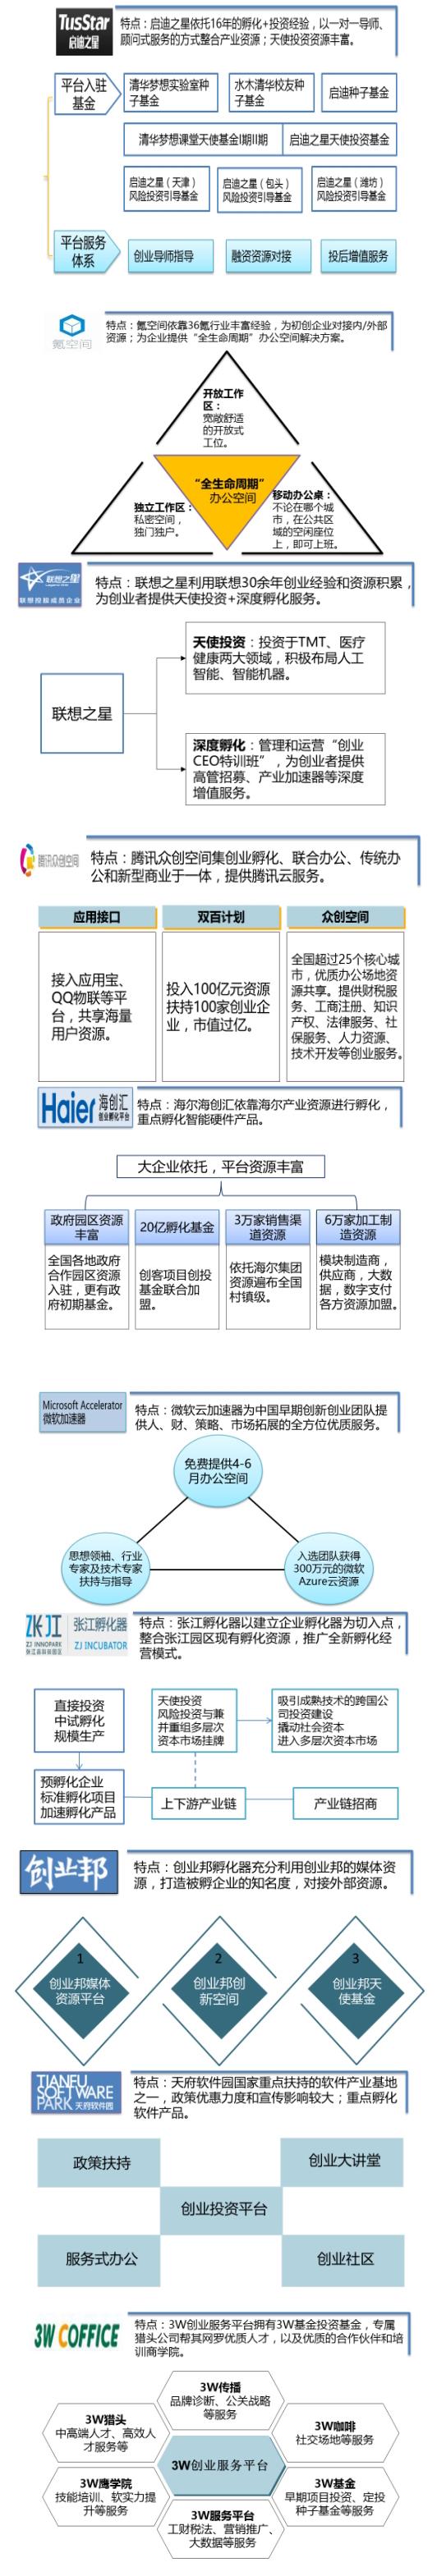 中国典型孵化器与加速器分析